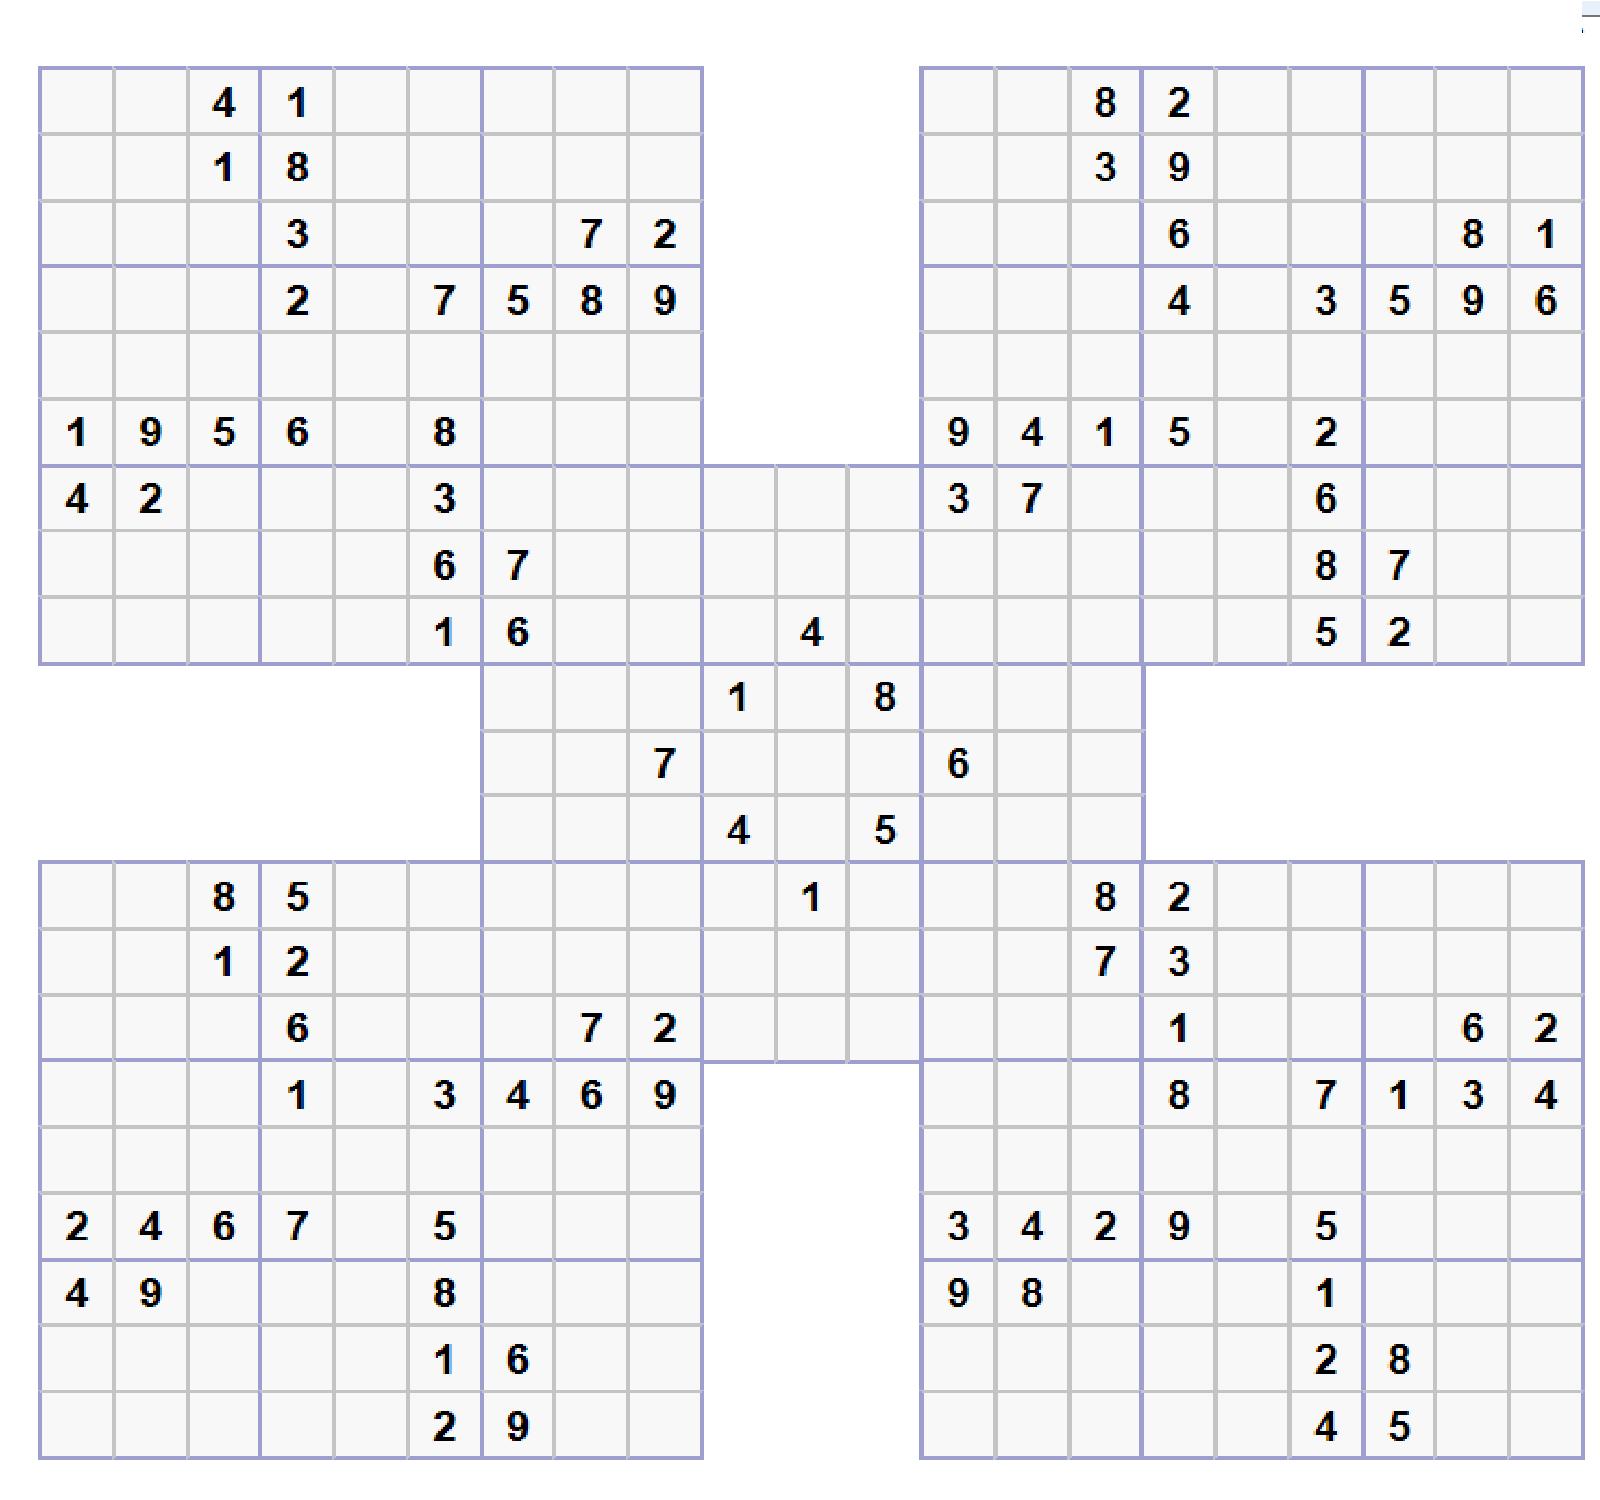 Tpe fran ais maths texte - Grille de sudoku diabolique ...